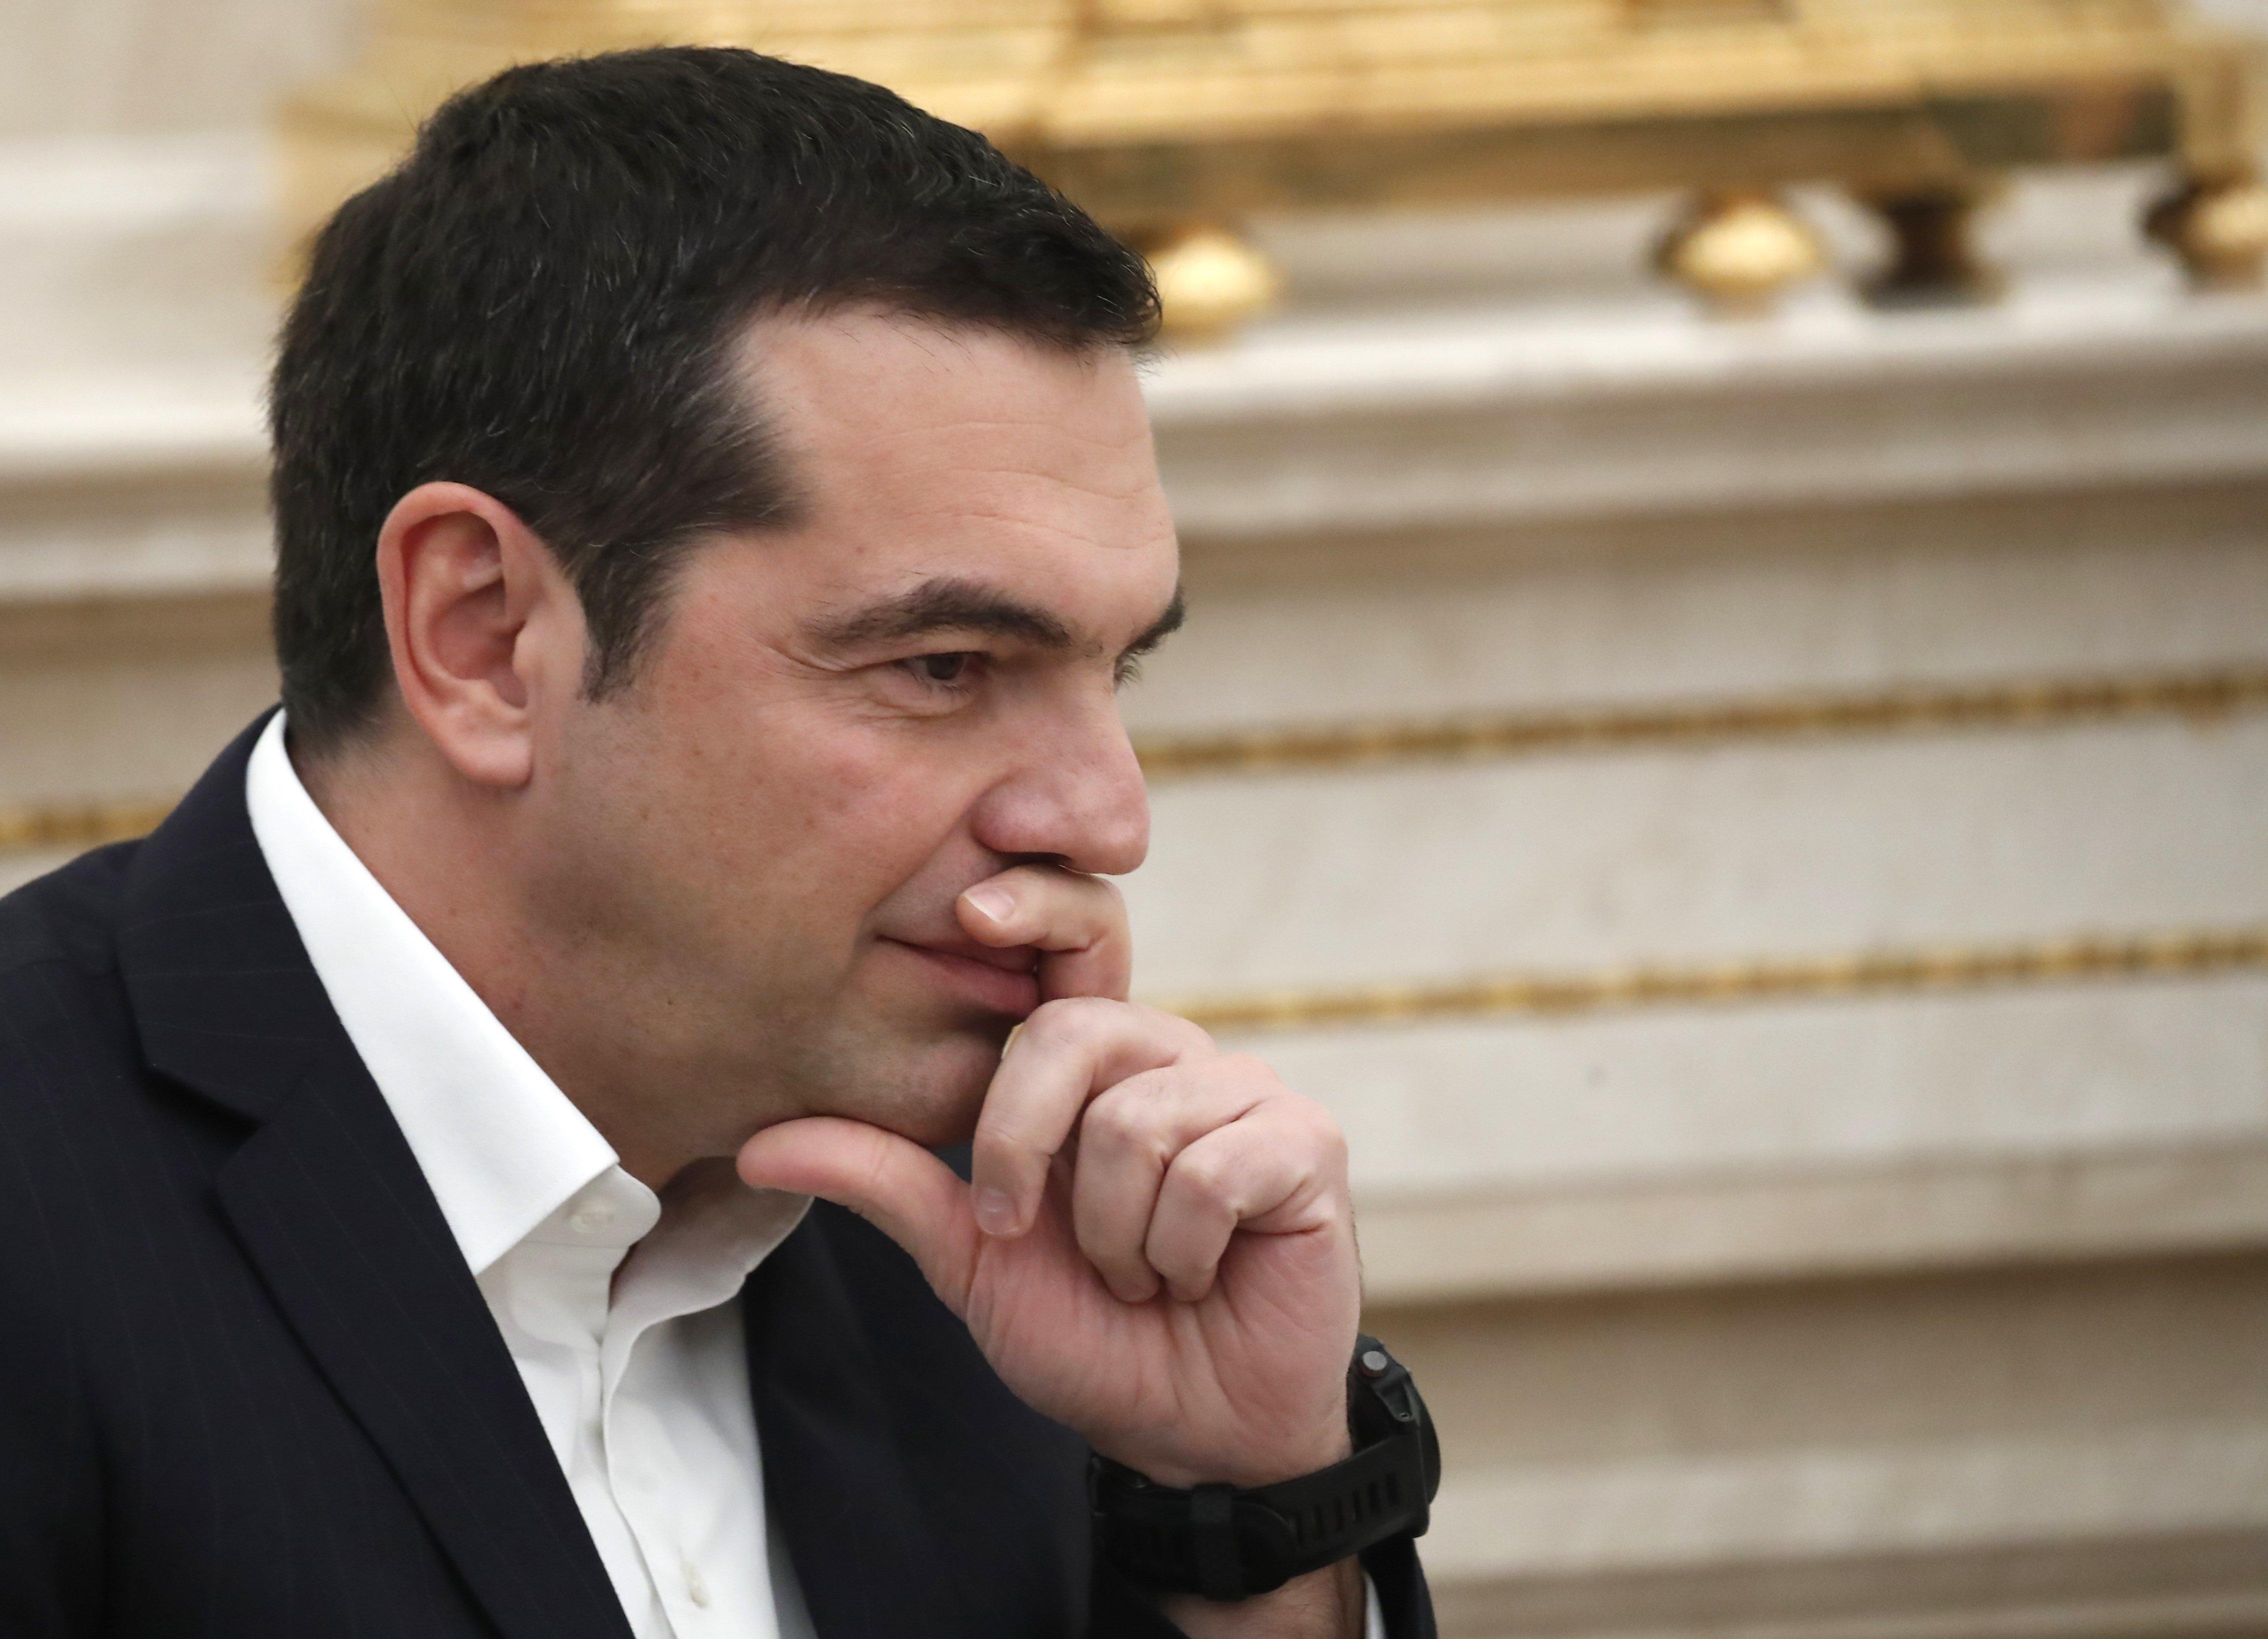 Ο Τσίπρας θέλει να πλειοψηφία άνω των 153 βουλευτών και ξεκινά με αυτούς της Ένωσης